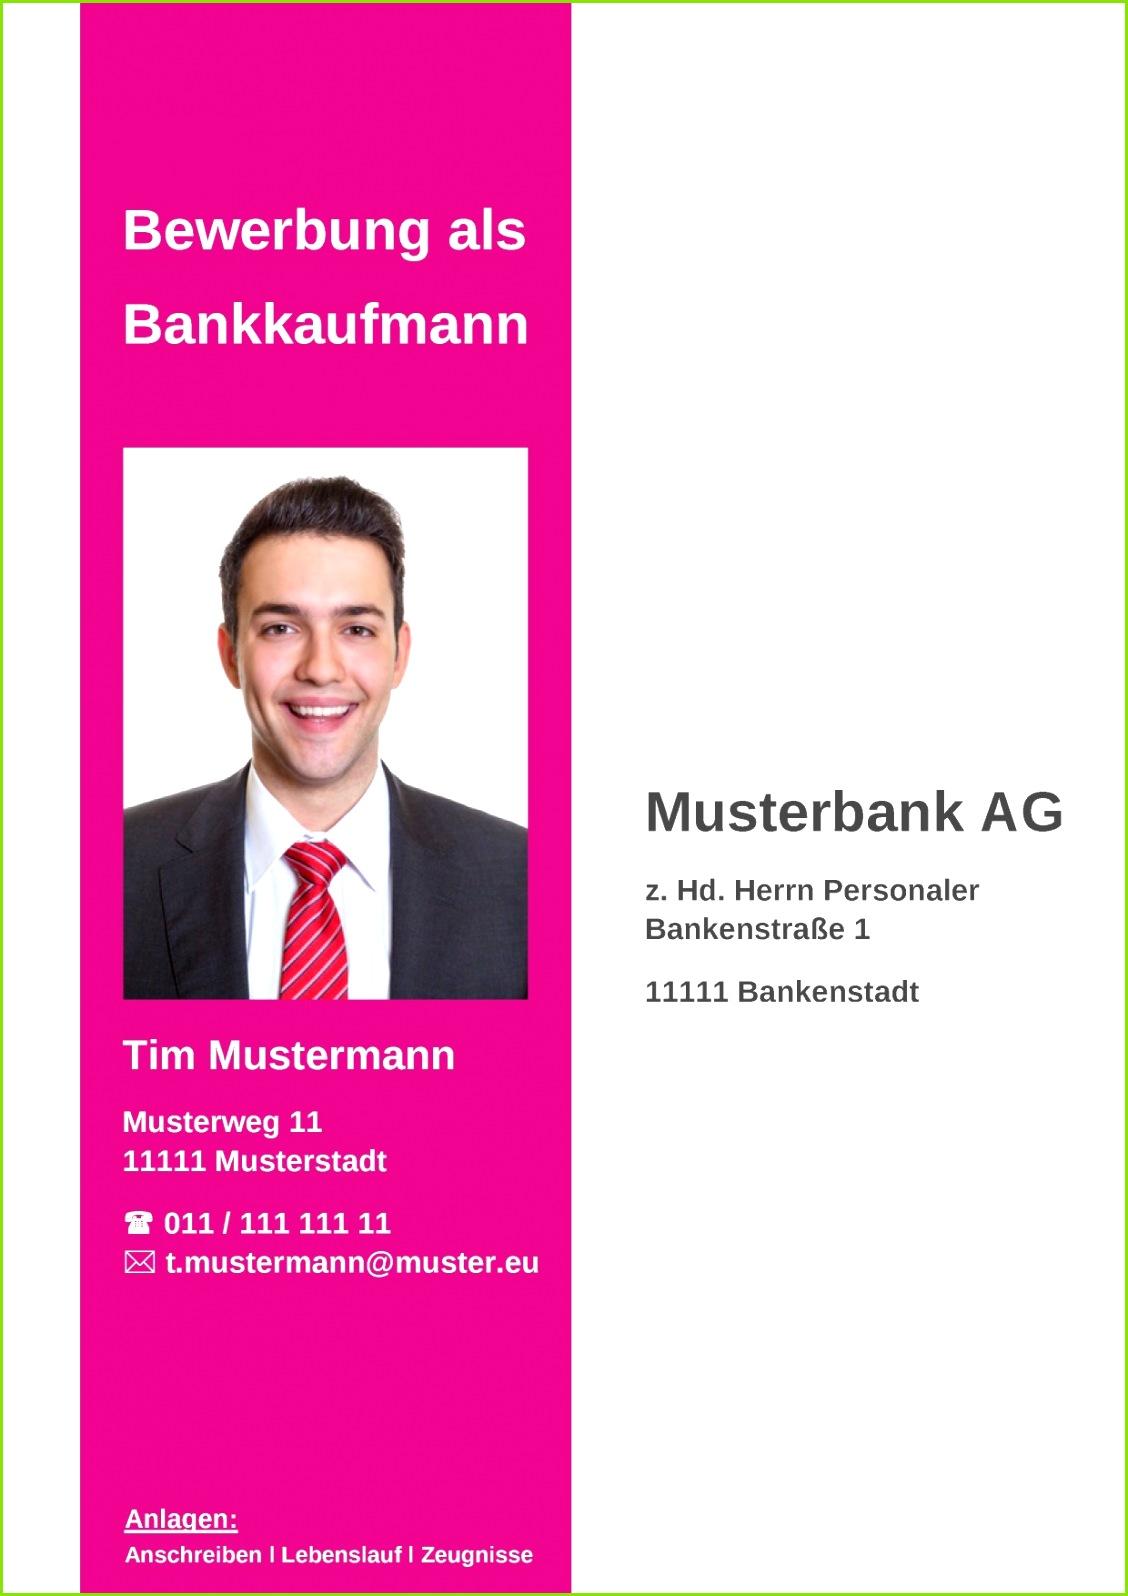 Deckblatt Bewerbung 07 Bewerbungsdeckblatt für Bankkaufmann oder Bankkauffrau